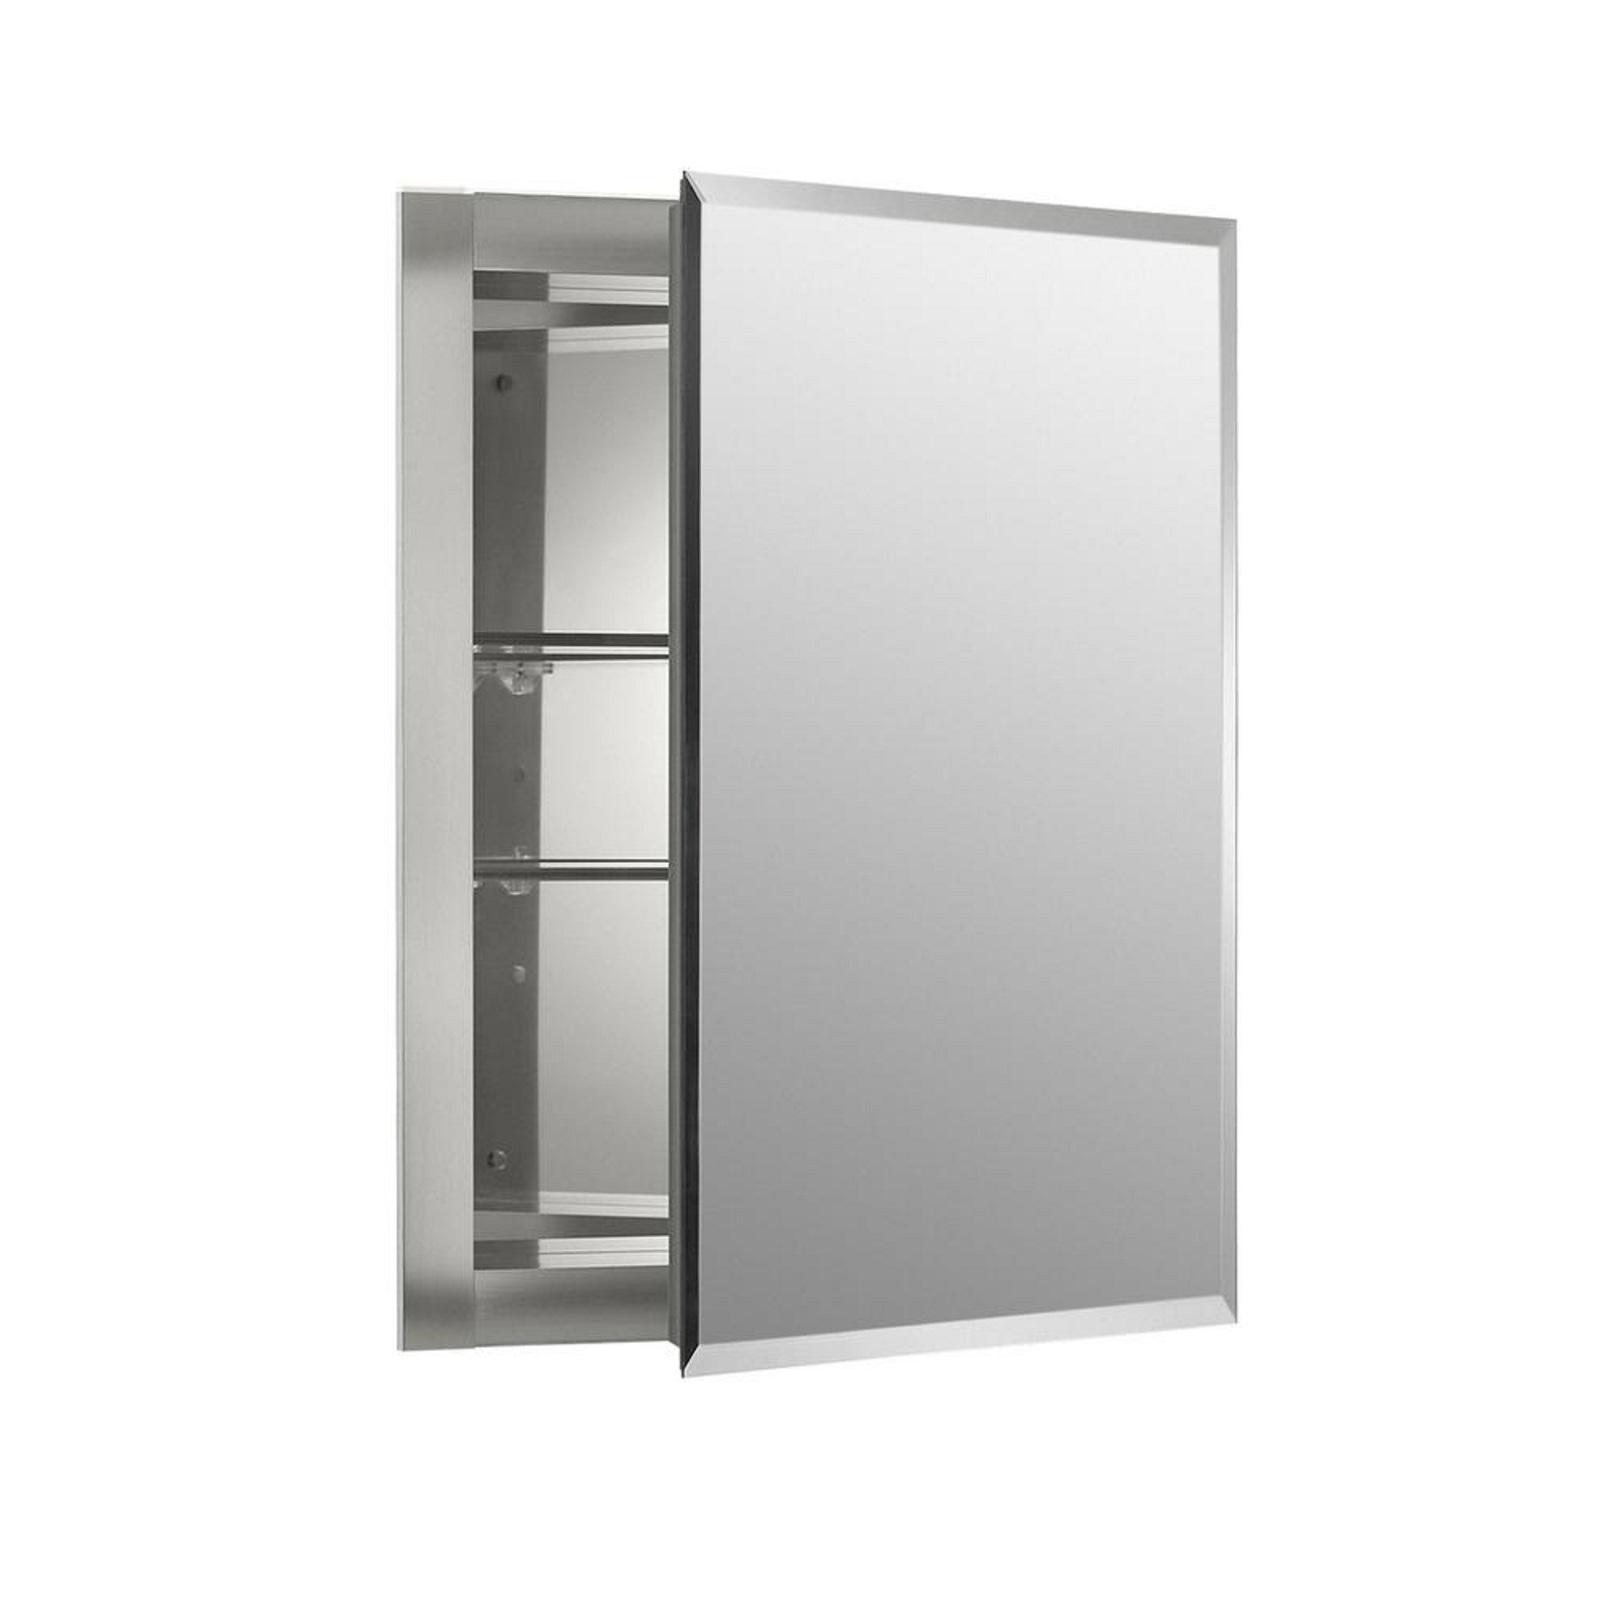 Medicine Storage Cabinet 16 in x 20 in x 5 in Aluminum Recessed Mirrored Unique